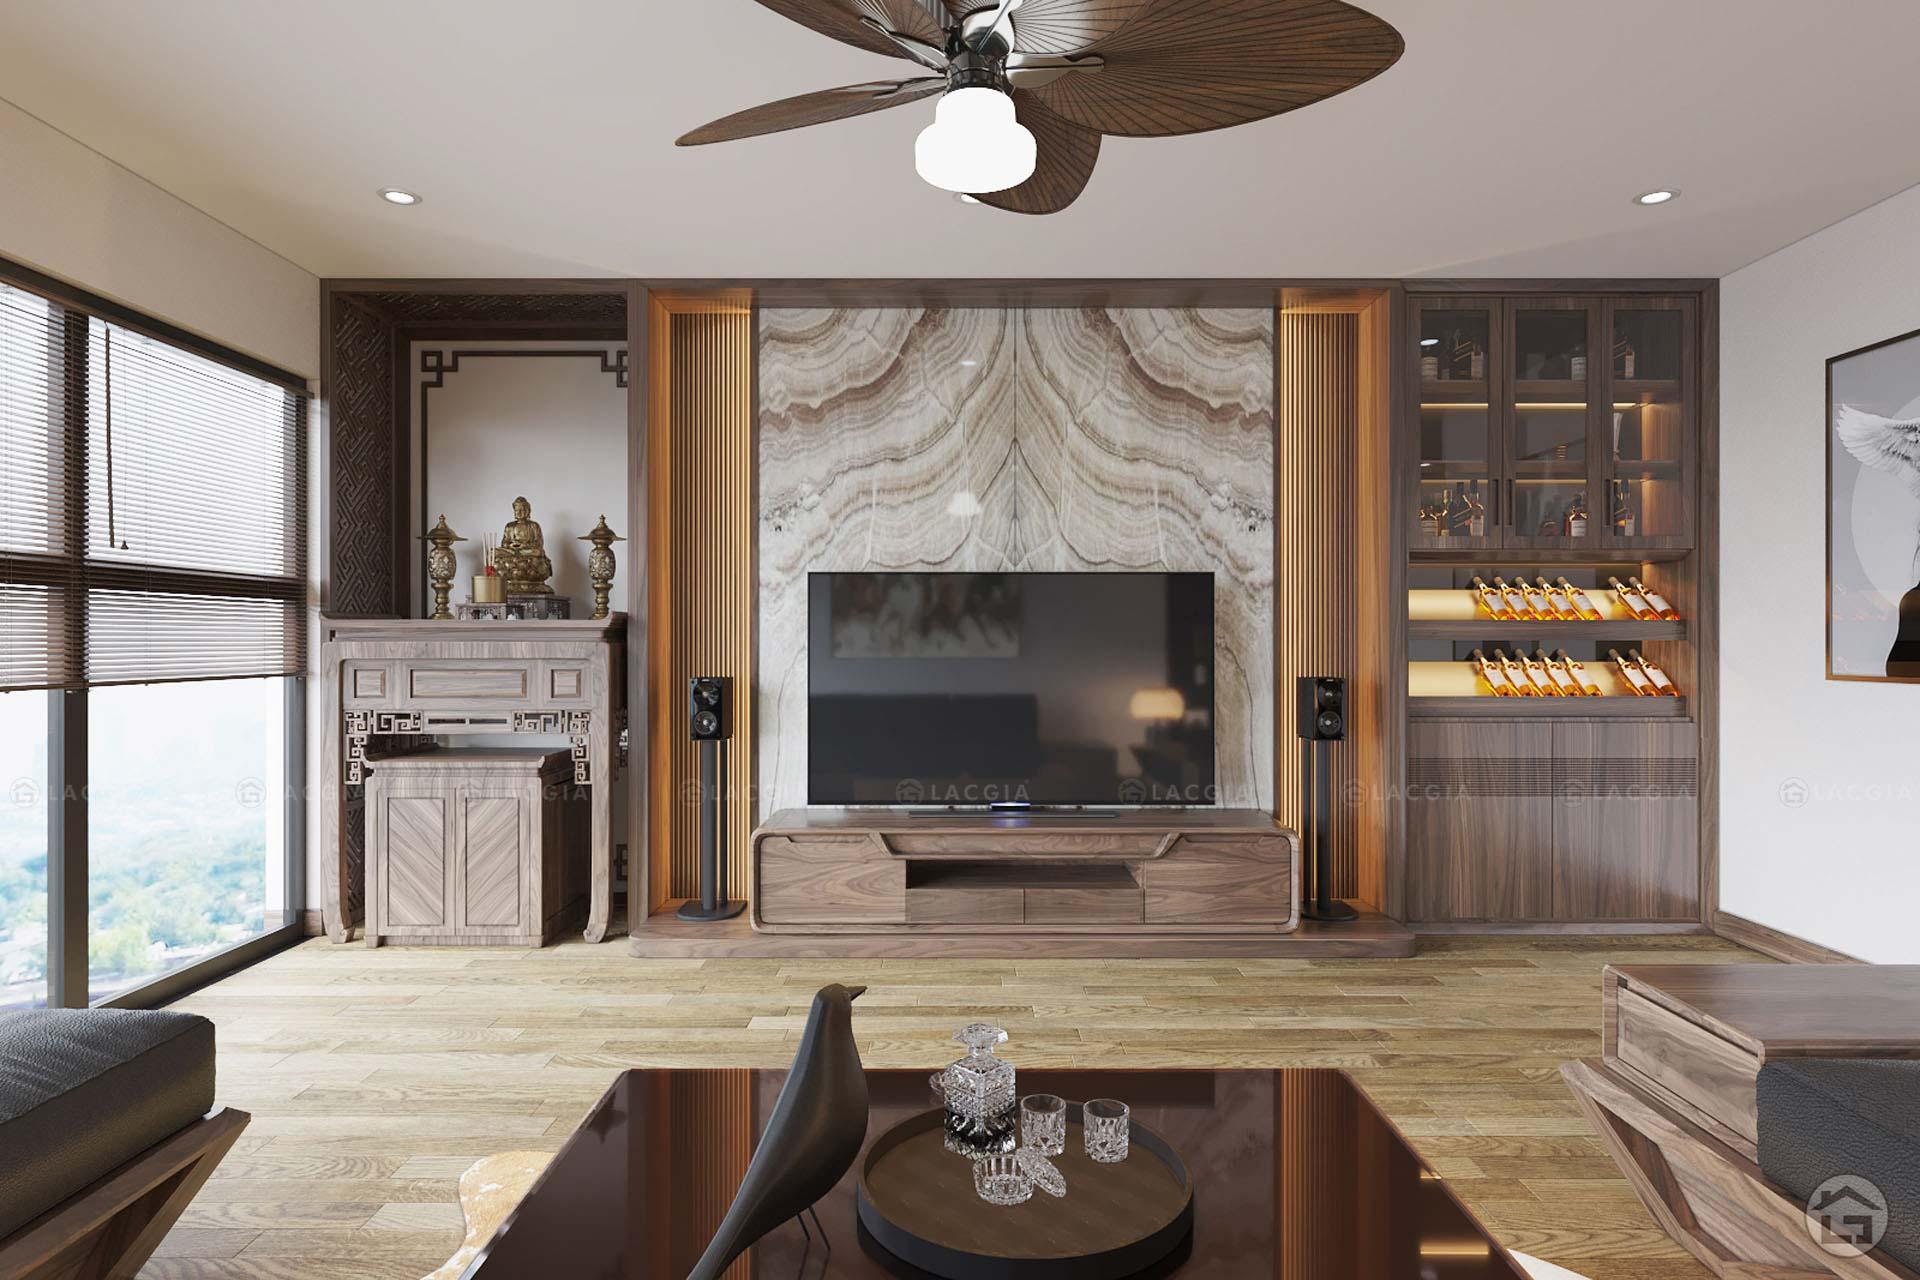 thiet ke noi that chung cu iris garden 3 - Thiết kế nội thất chung cư Iris Garden - Mỹ Đình